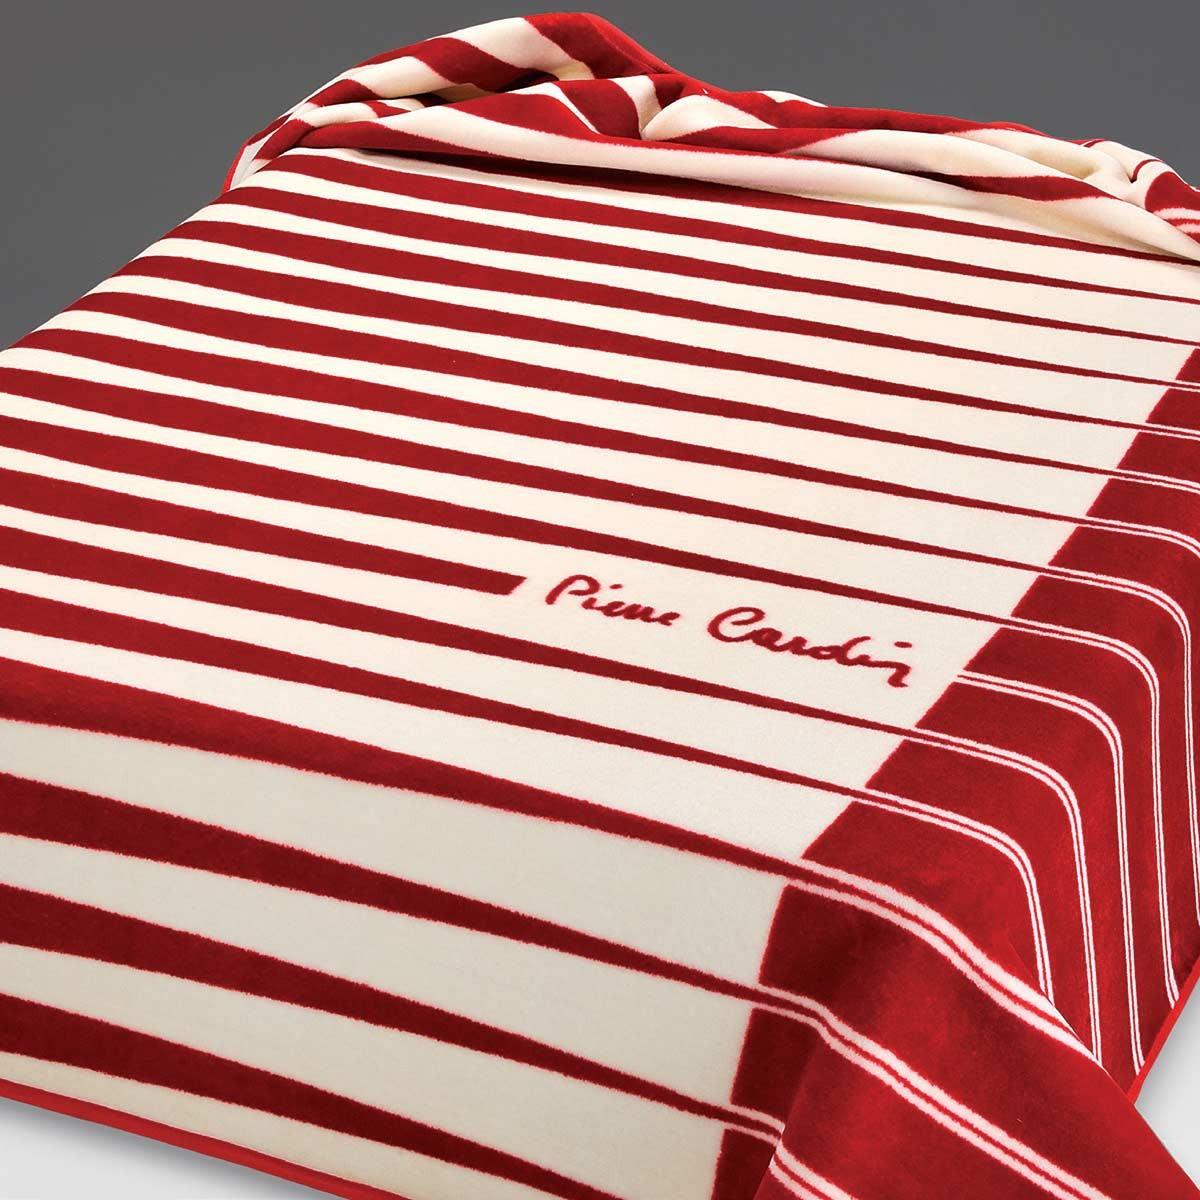 Κουβέρτα Βελουτέ Υπέρδιπλη Pierre Cardin Nancy 244/R